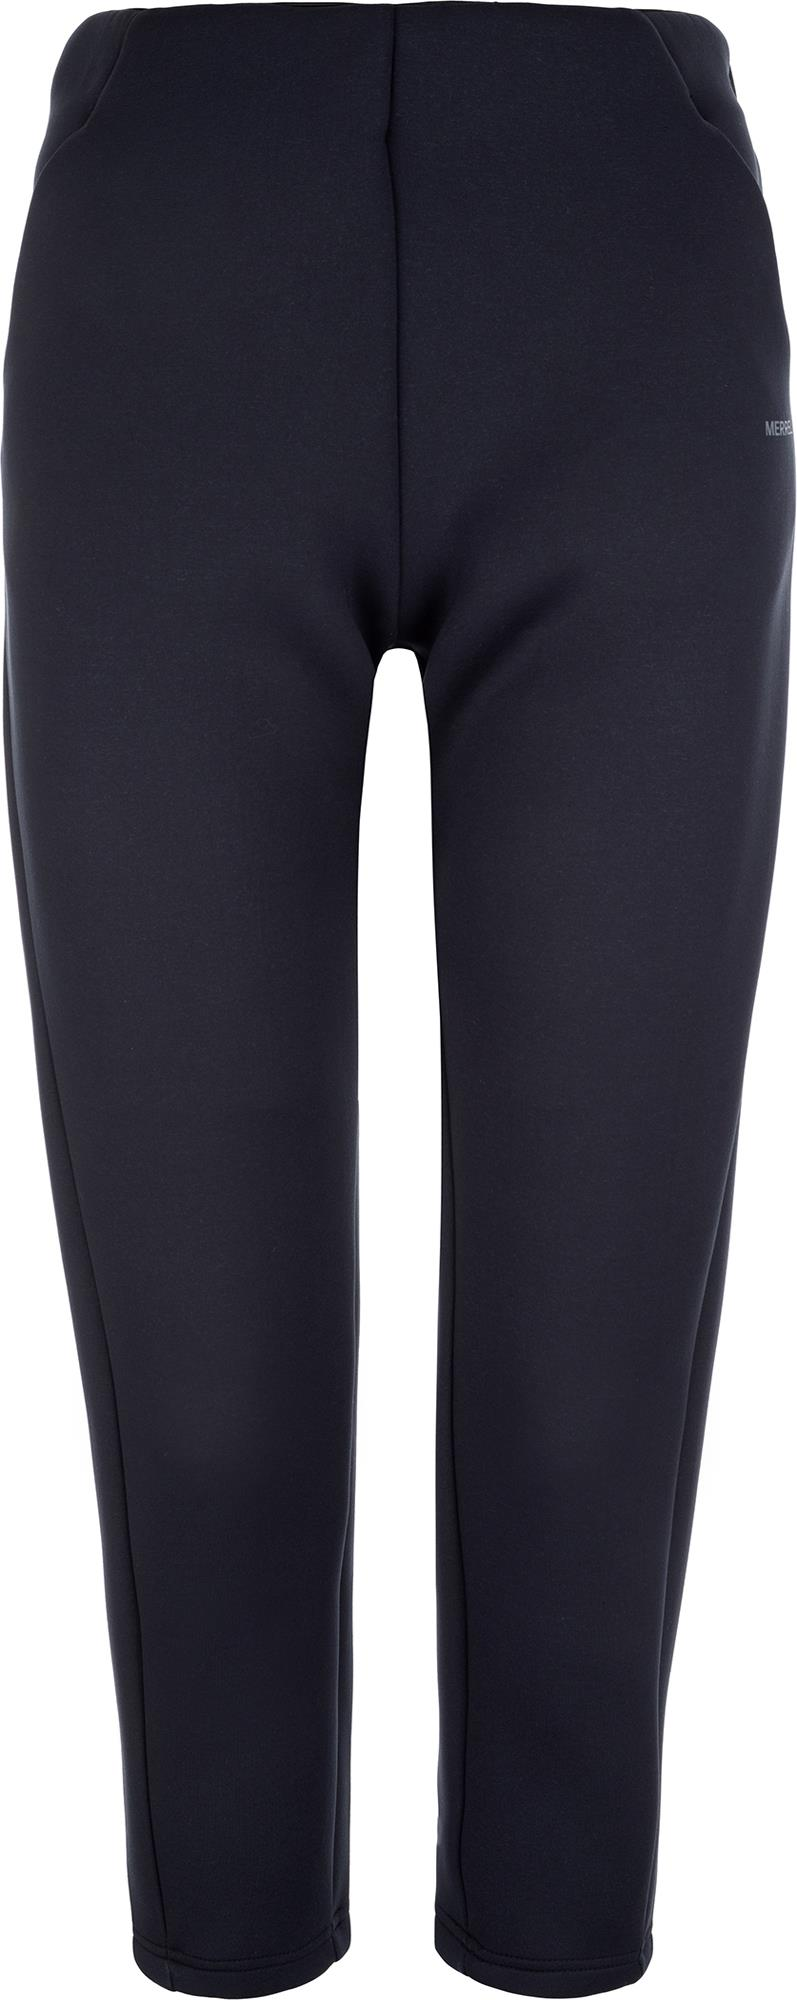 цены на Брюки Merrell Women's Pants в интернет-магазинах